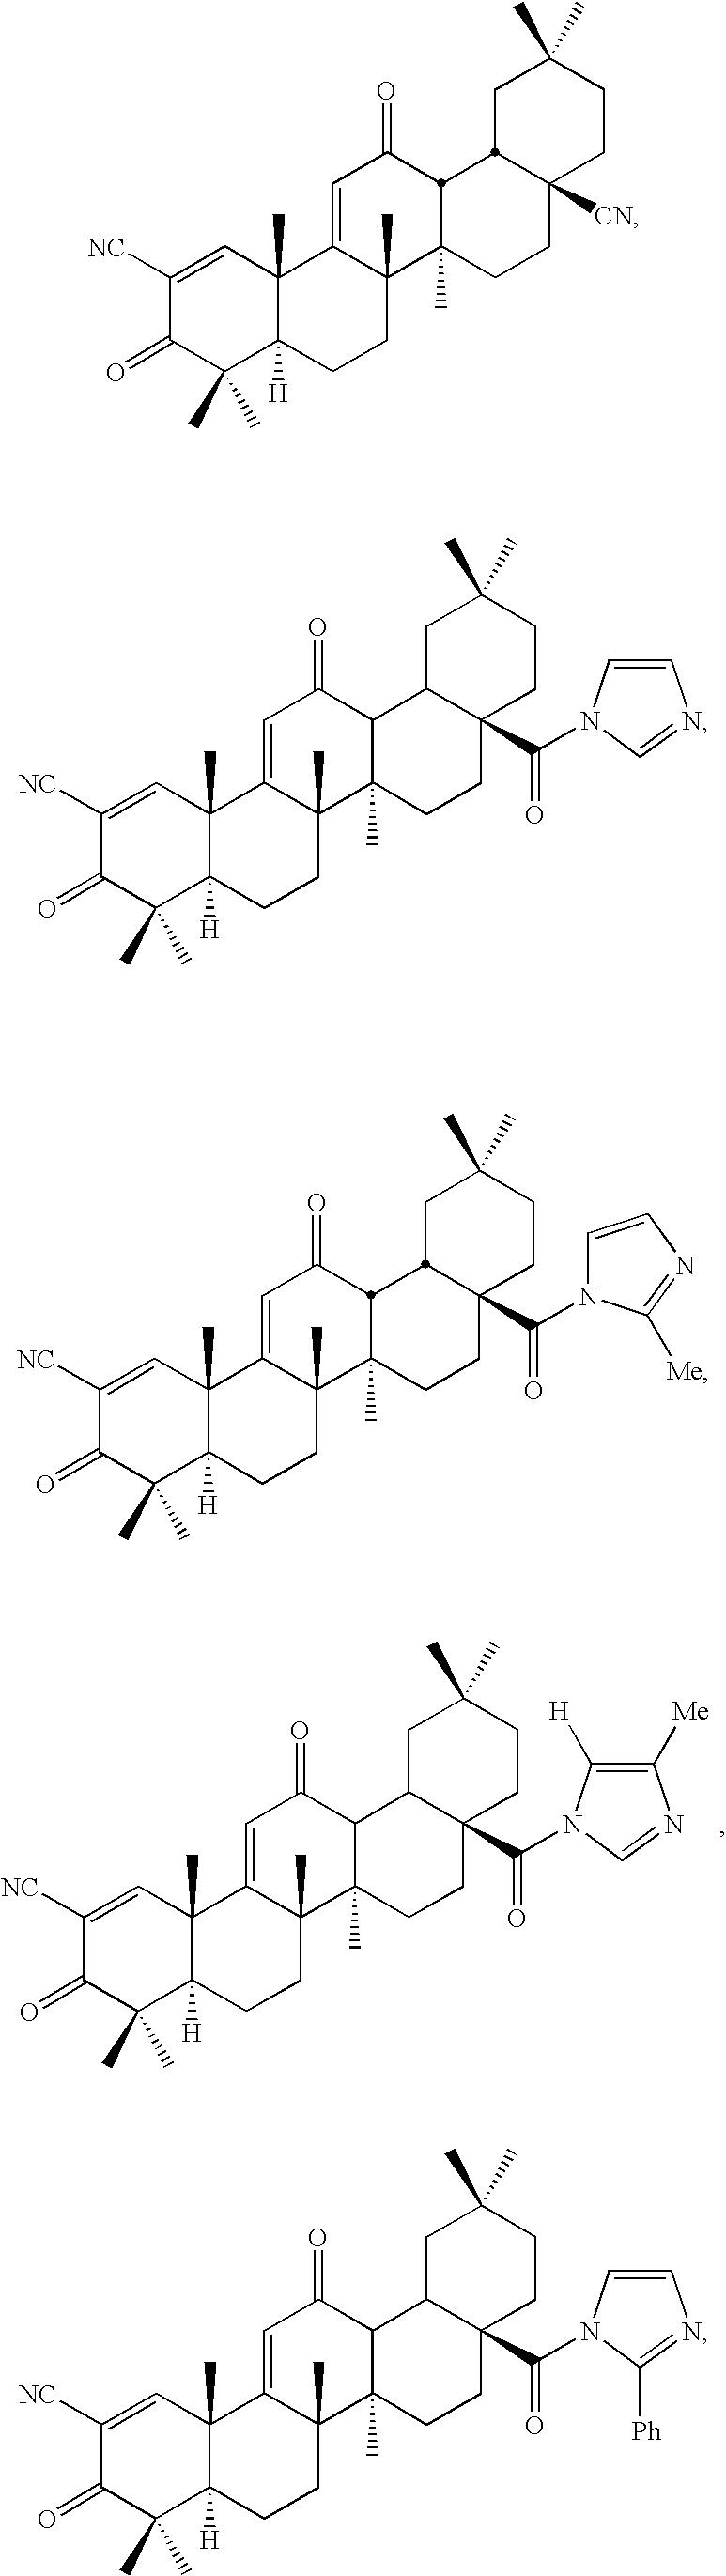 Figure US20040002463A1-20040101-C00003